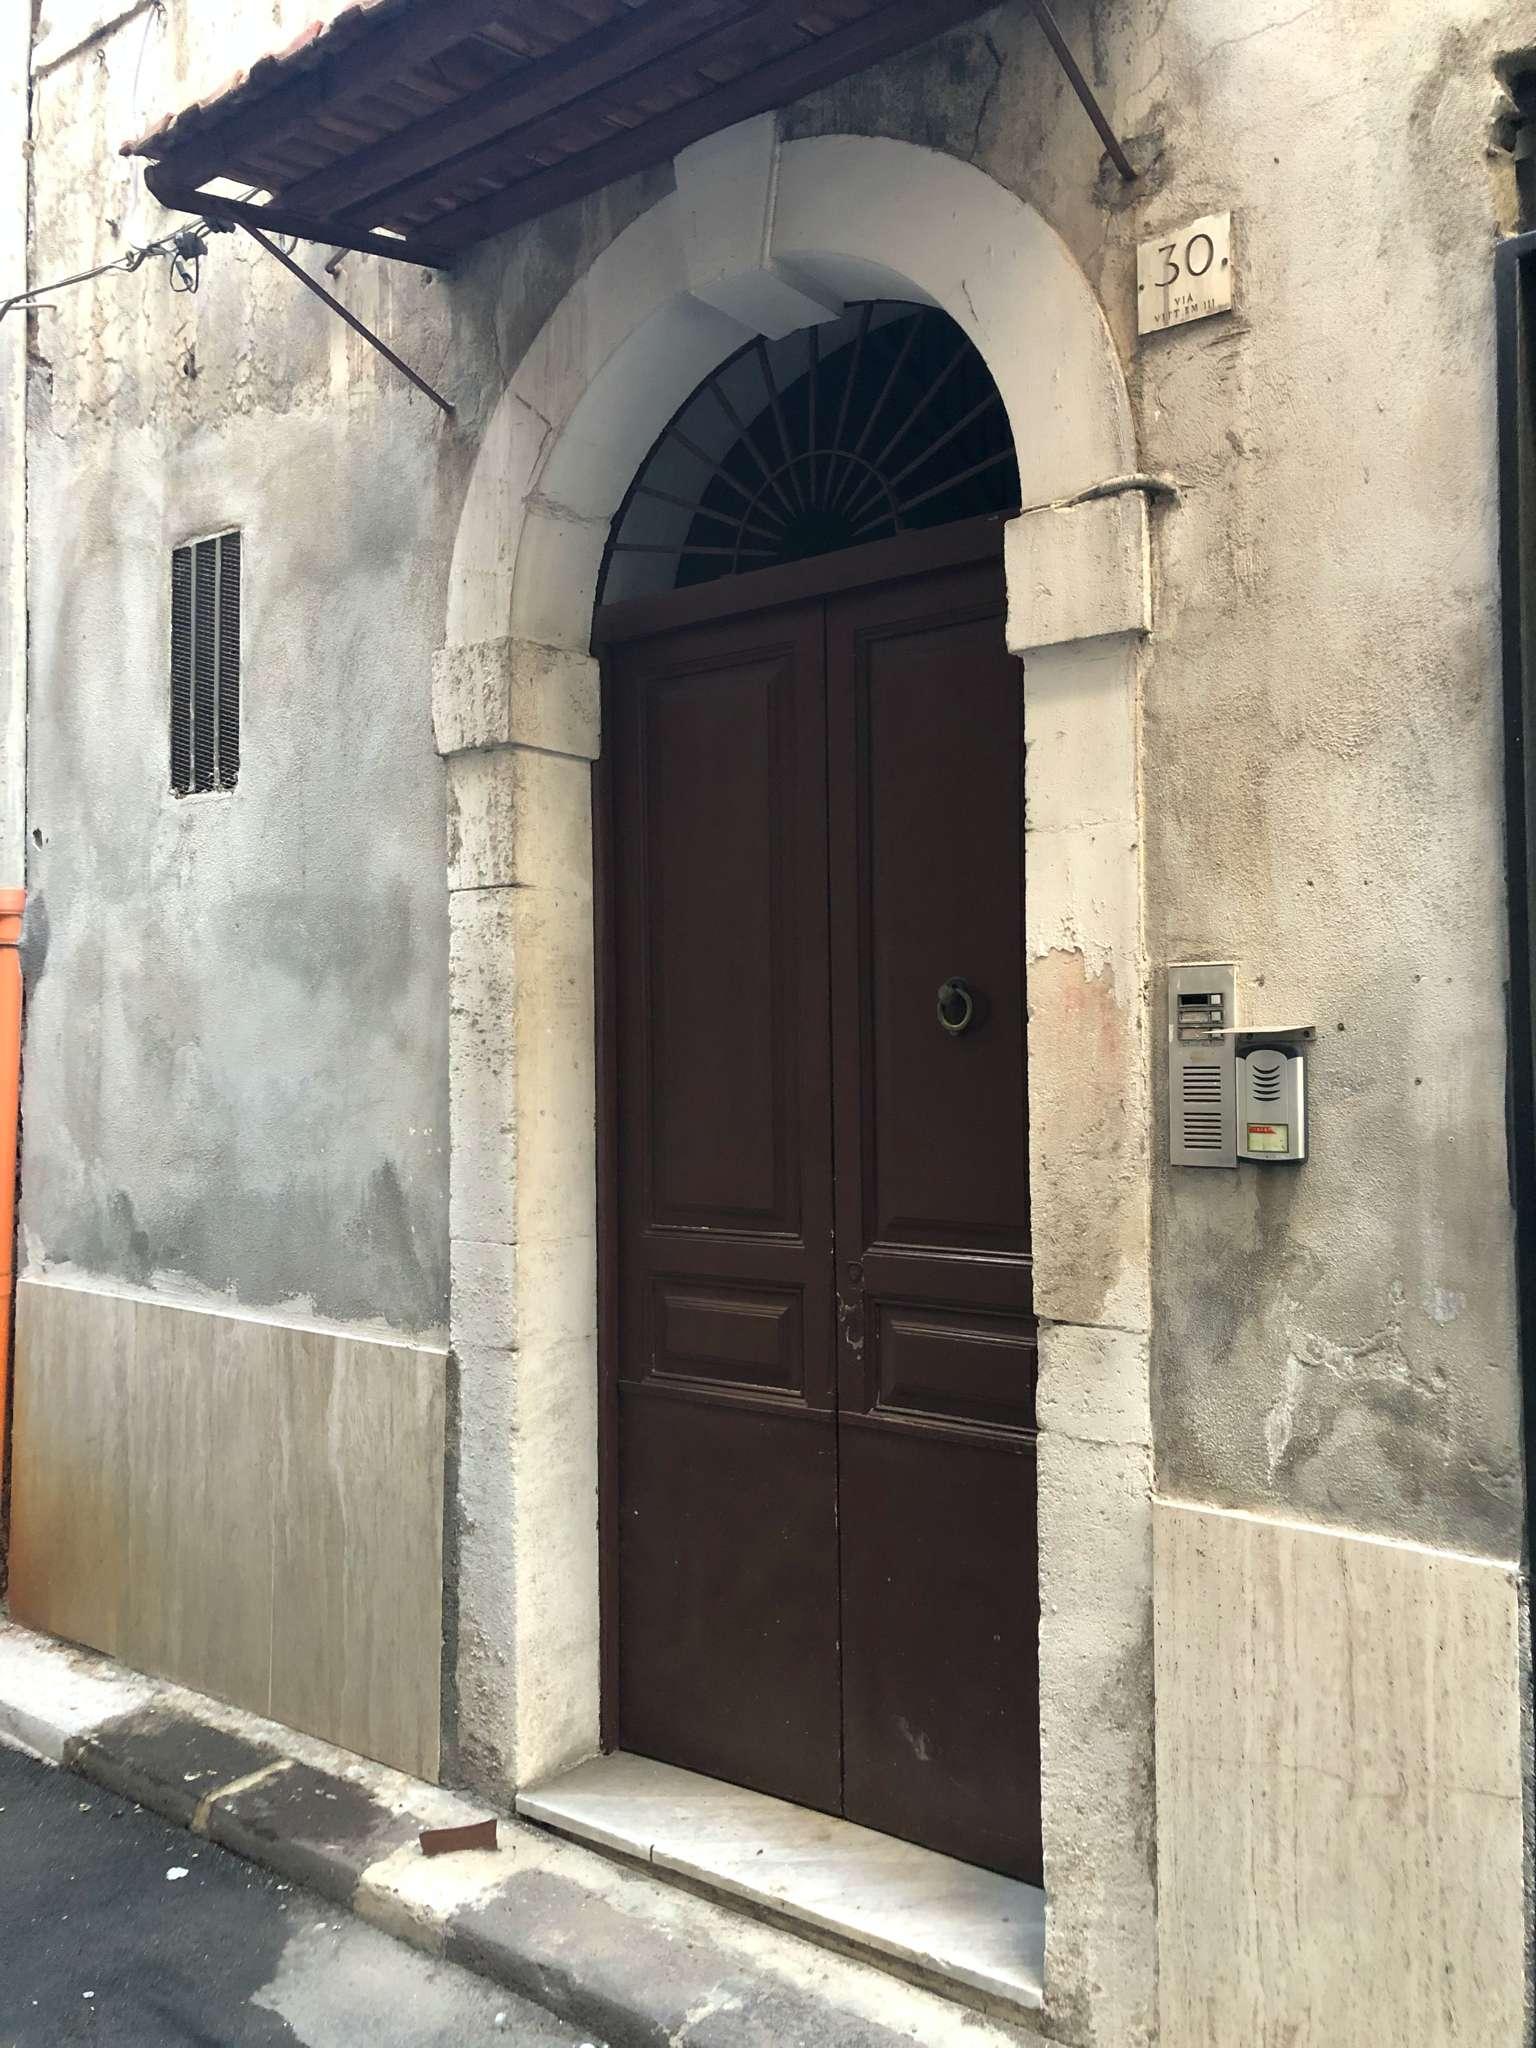 Appartamento in vendita a Lentini, 5 locali, prezzo € 50.000 | PortaleAgenzieImmobiliari.it